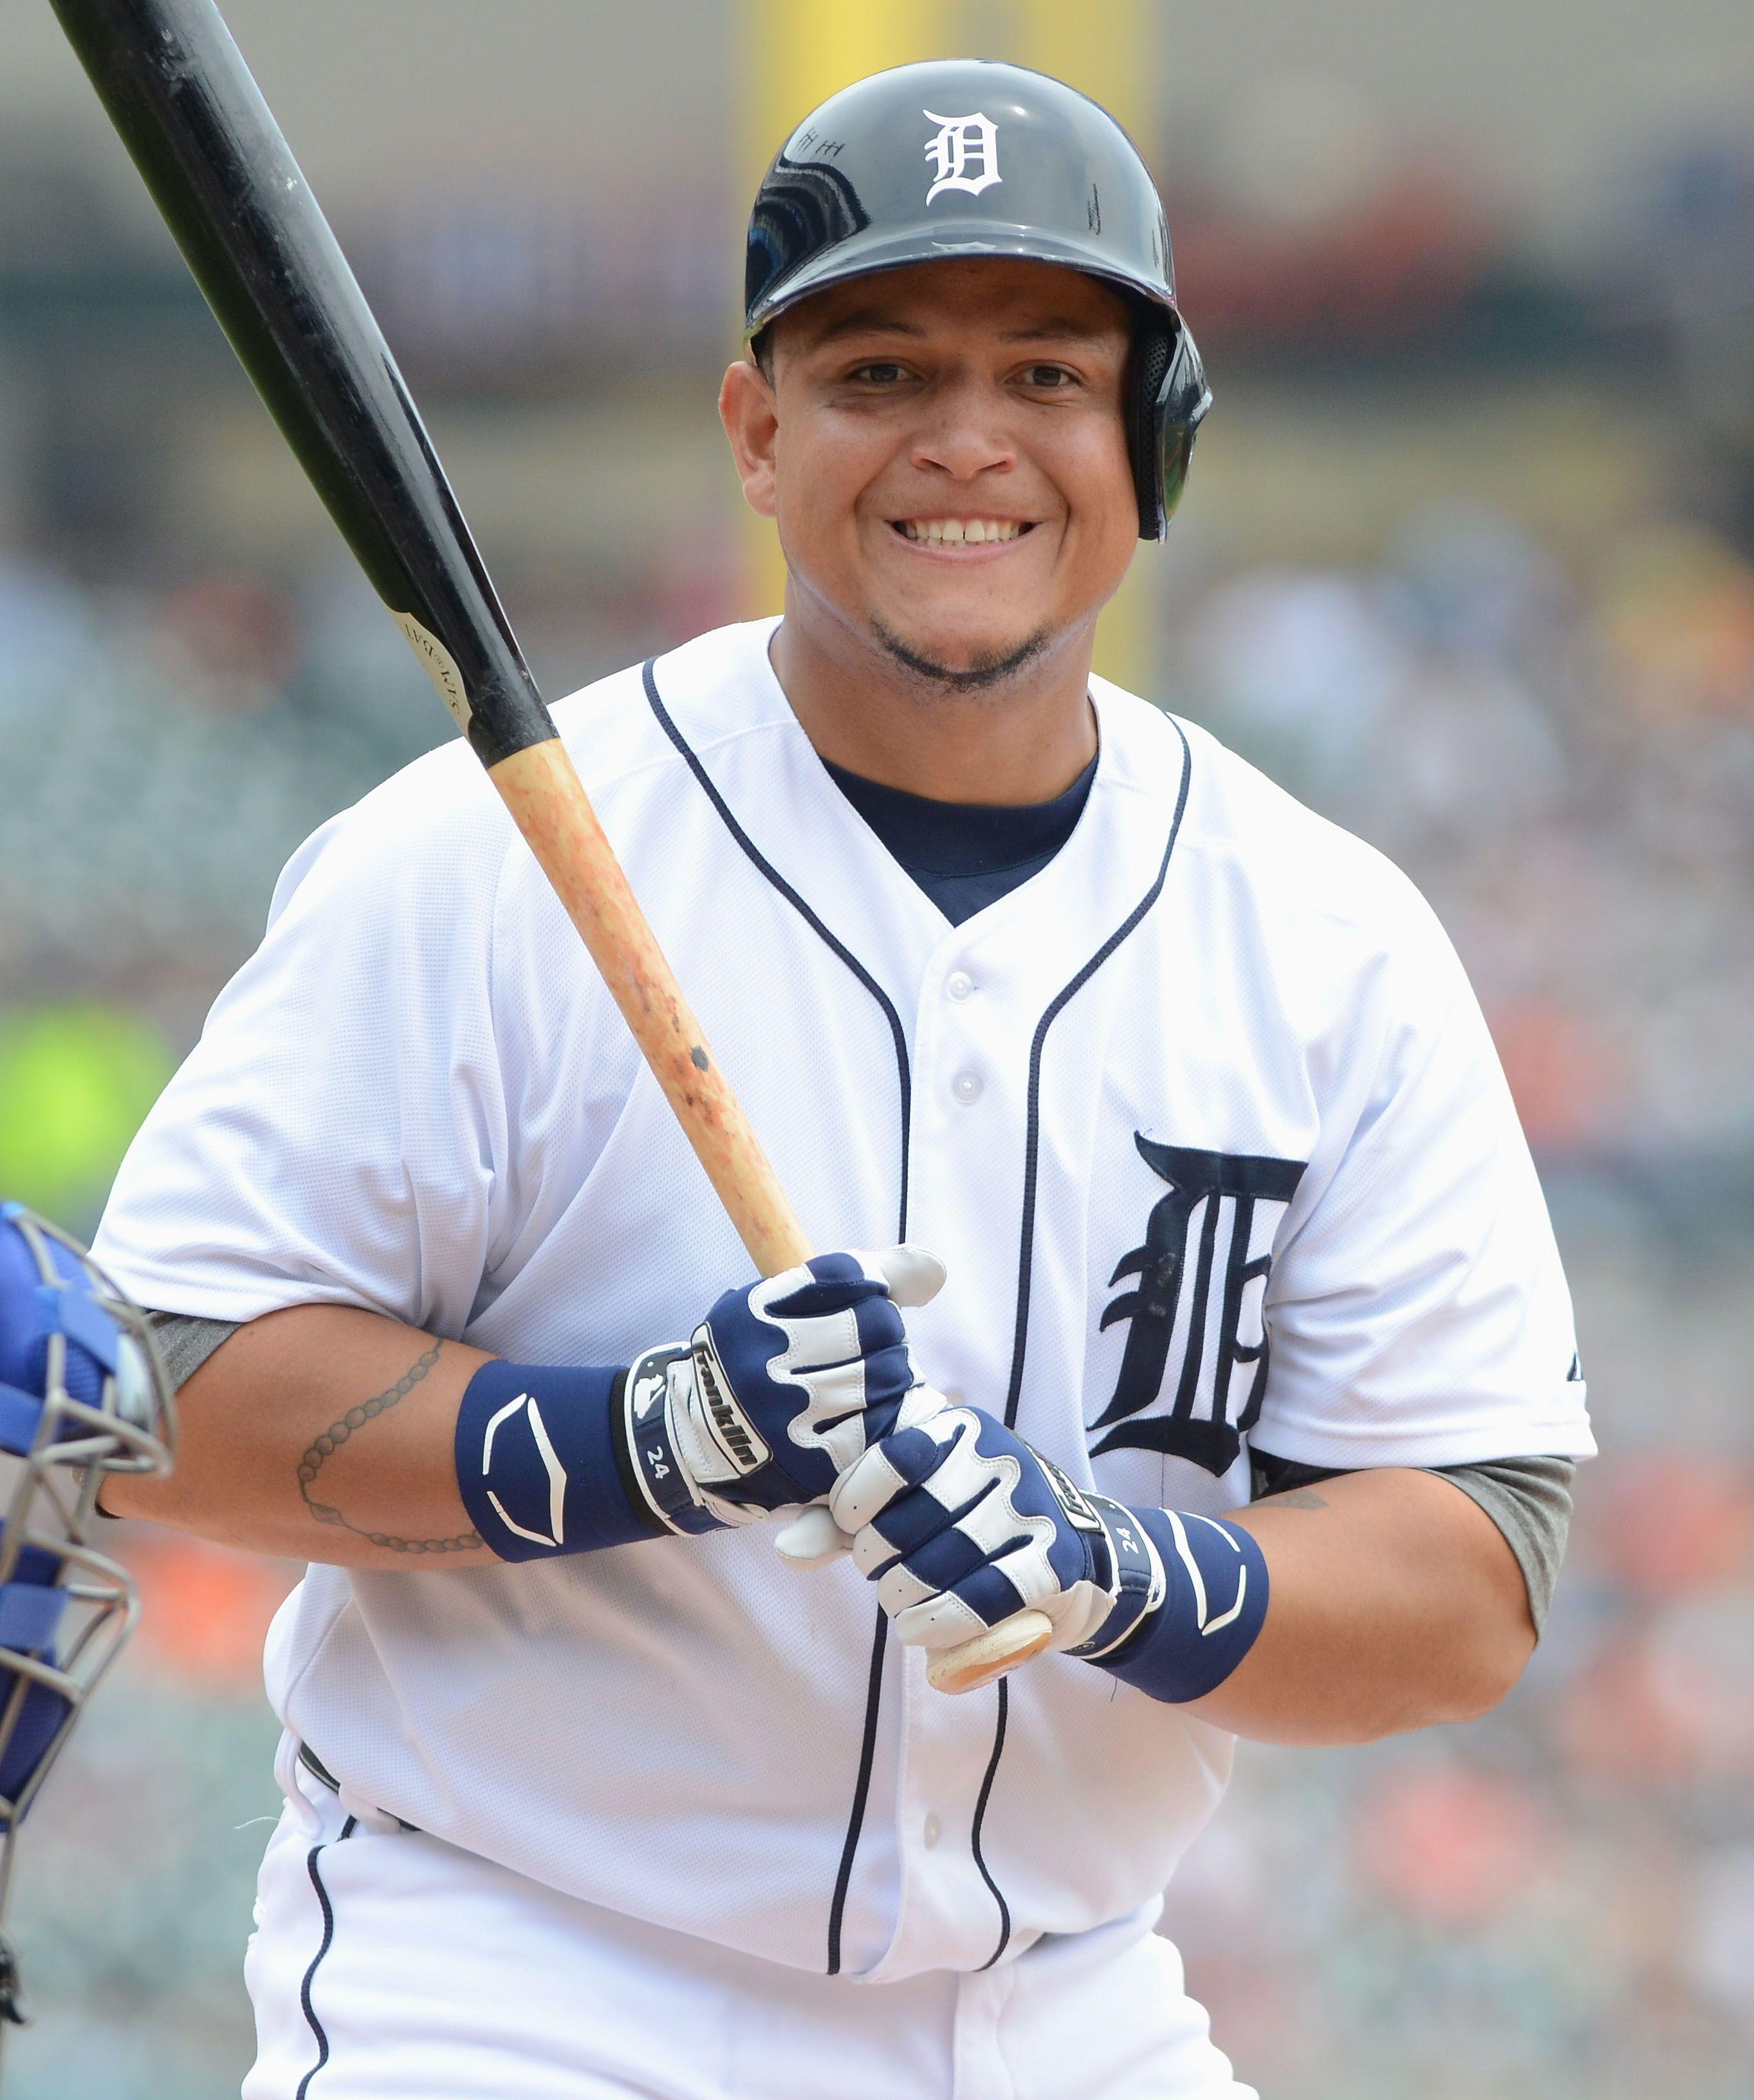 Miguel Cabrera-3B- Detroit Tigers | Tigres de detroit ... Miguel Cabrera Fantasy 2019